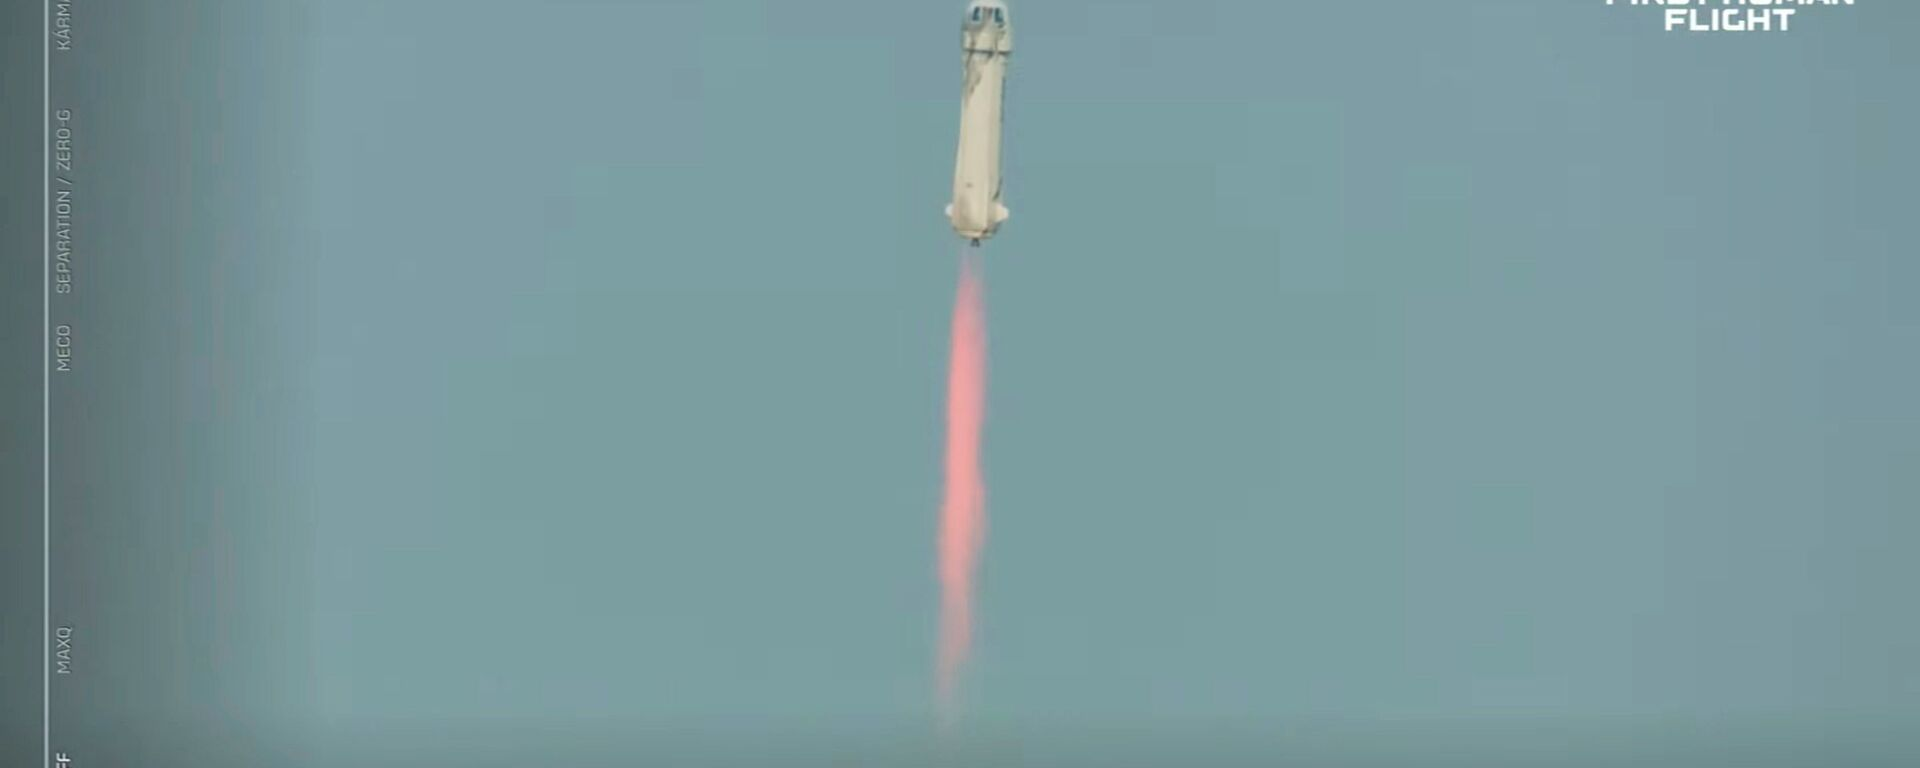 Amazon'un kurucusu Jeff Bezos, sahibi olduğu uzay araştırmaları şirketi Blue Origin roketi ile roketi ile bugün uzaya fırlatıldı. - Sputnik Türkiye, 1920, 20.07.2021